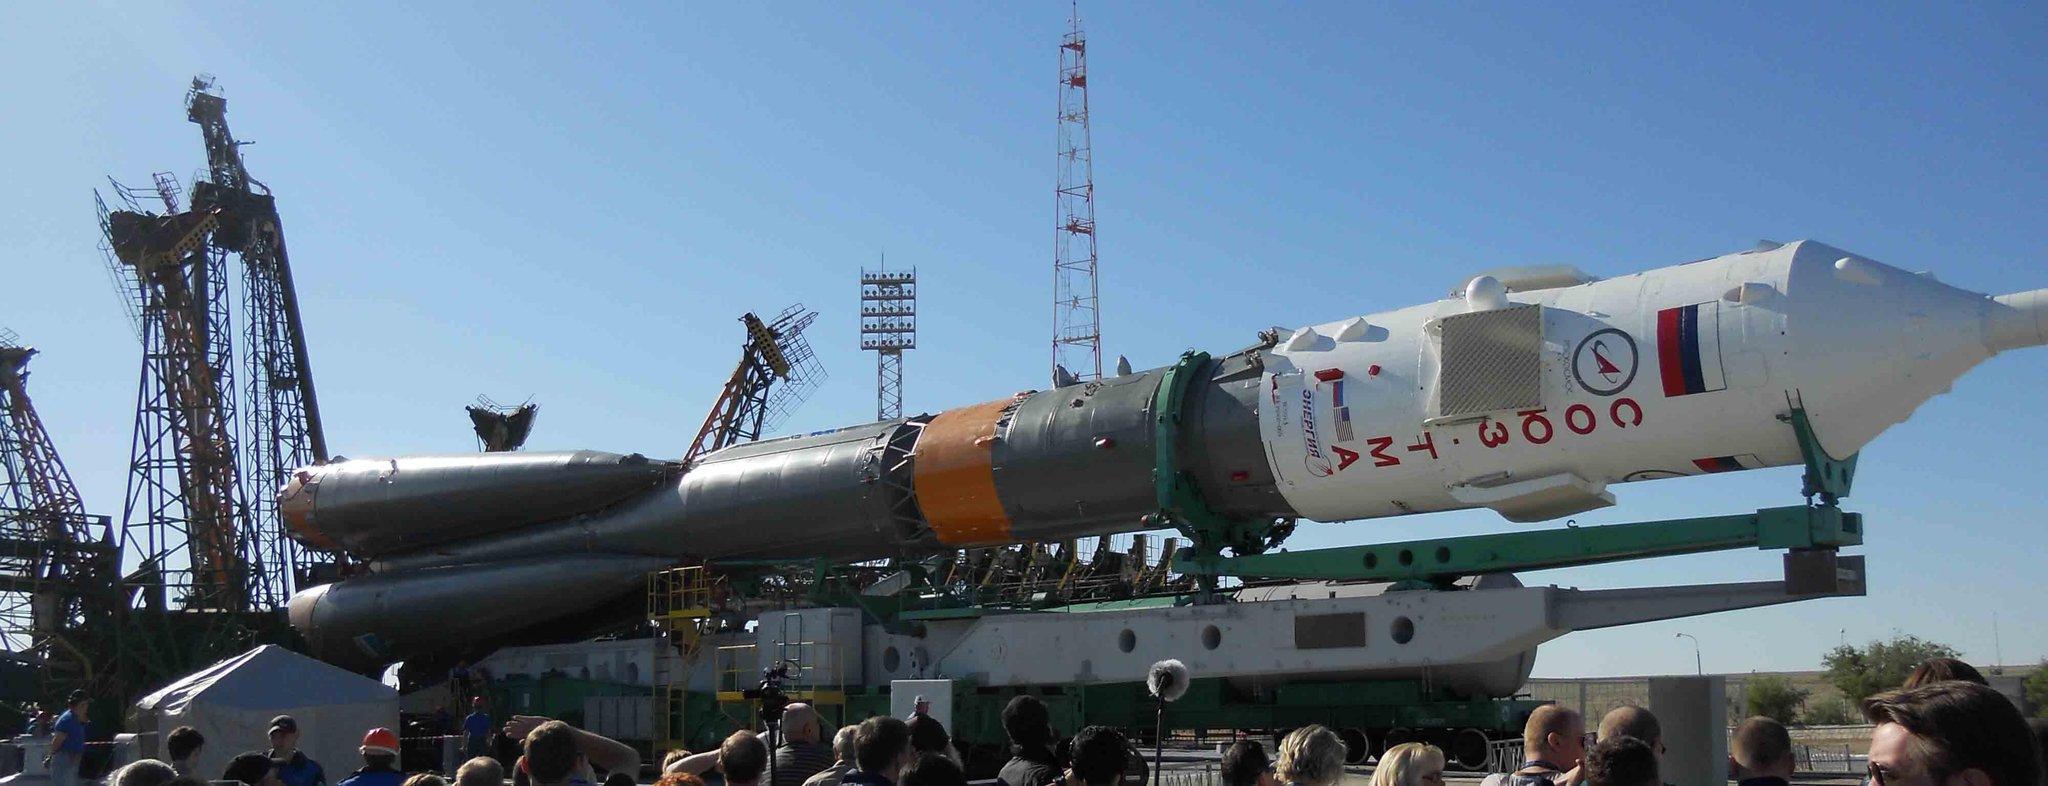 Lancement, mission & retour sur terre Soyouz TMA-09M  BLLkFUWCQAADCe3